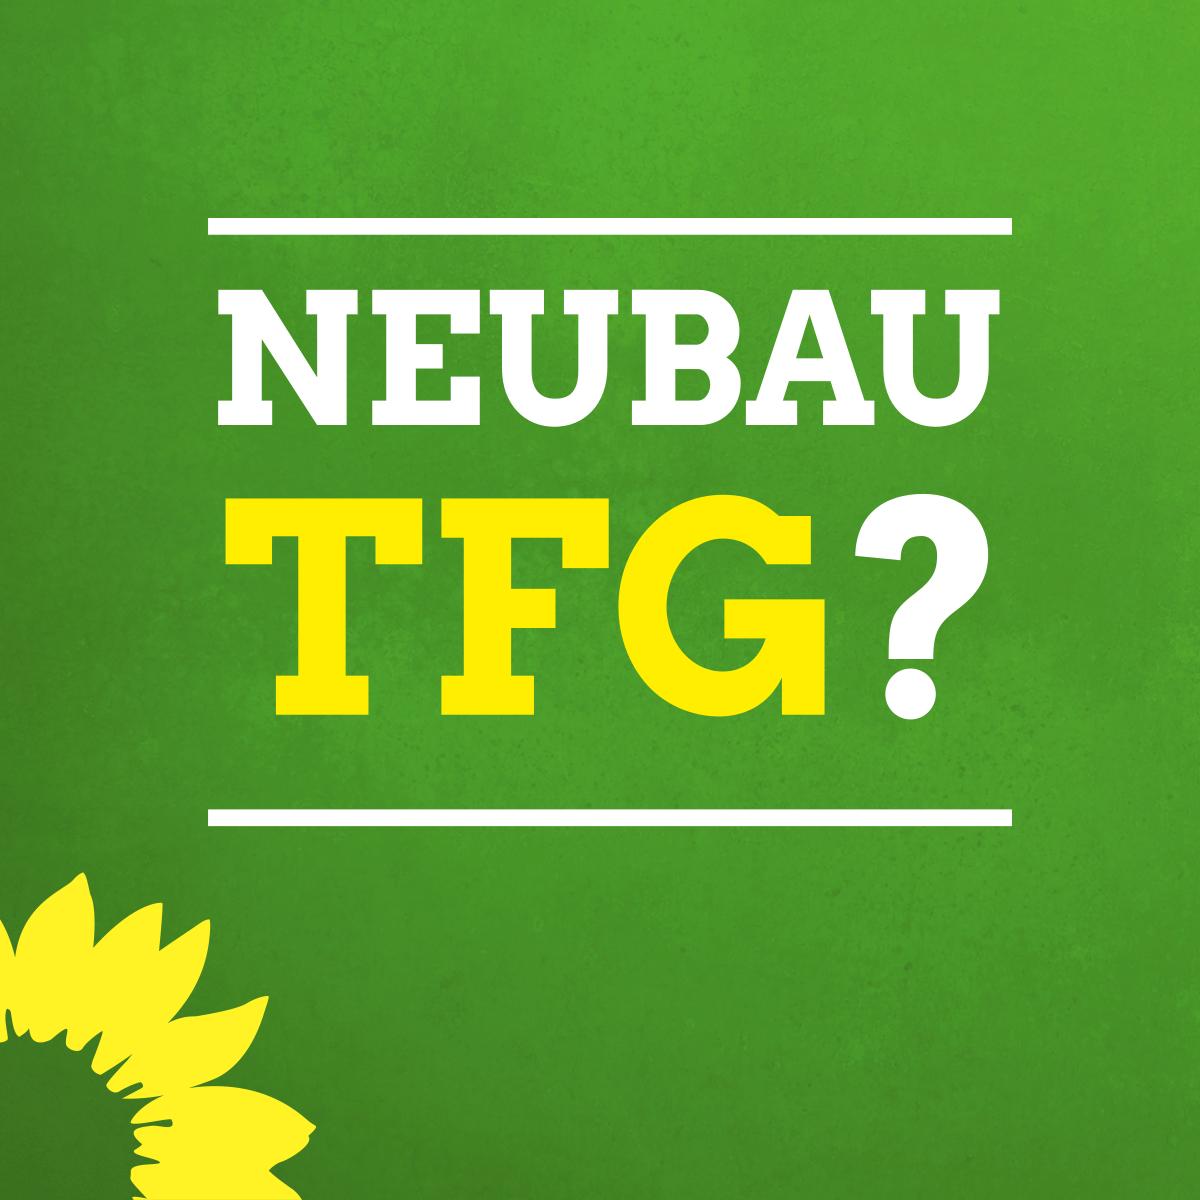 Statement der Fraktion Die Grünen zum Bauprojekt Theodor-Fleitmann-Gesamtschule